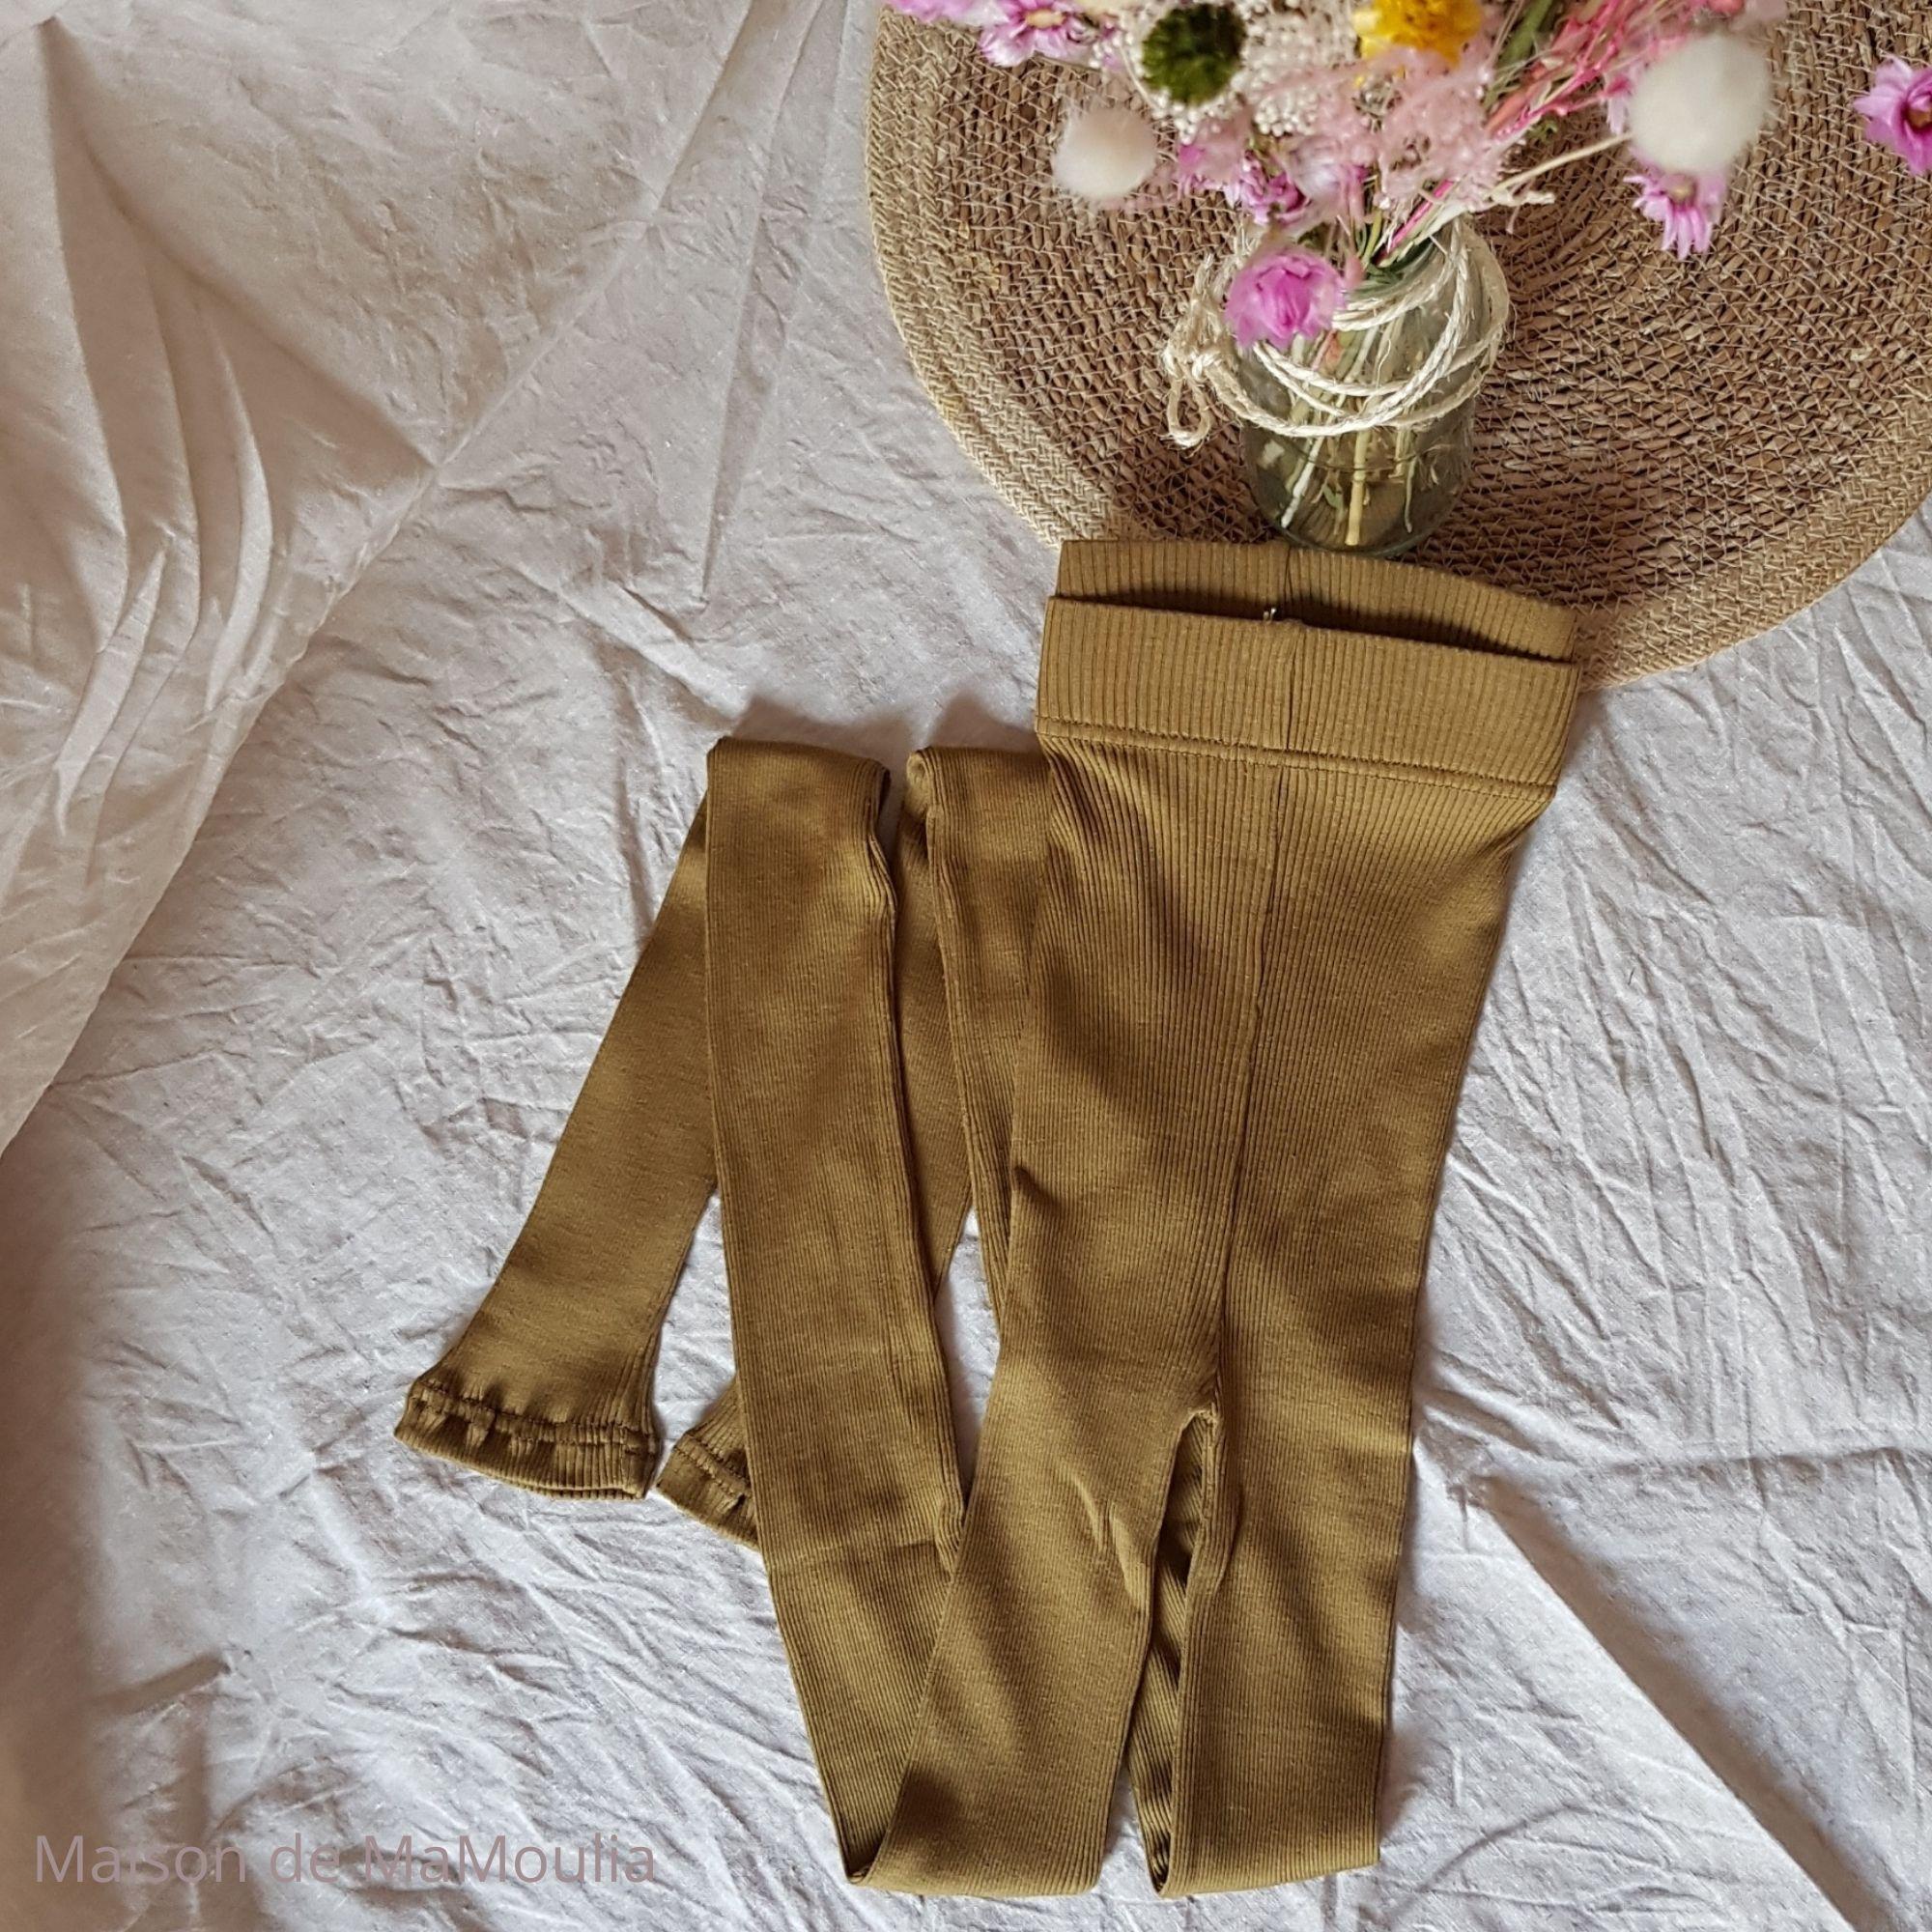 MINIMALISMA - Legging pour femme - Soie 70% / coton 30% - Great - Seaweed